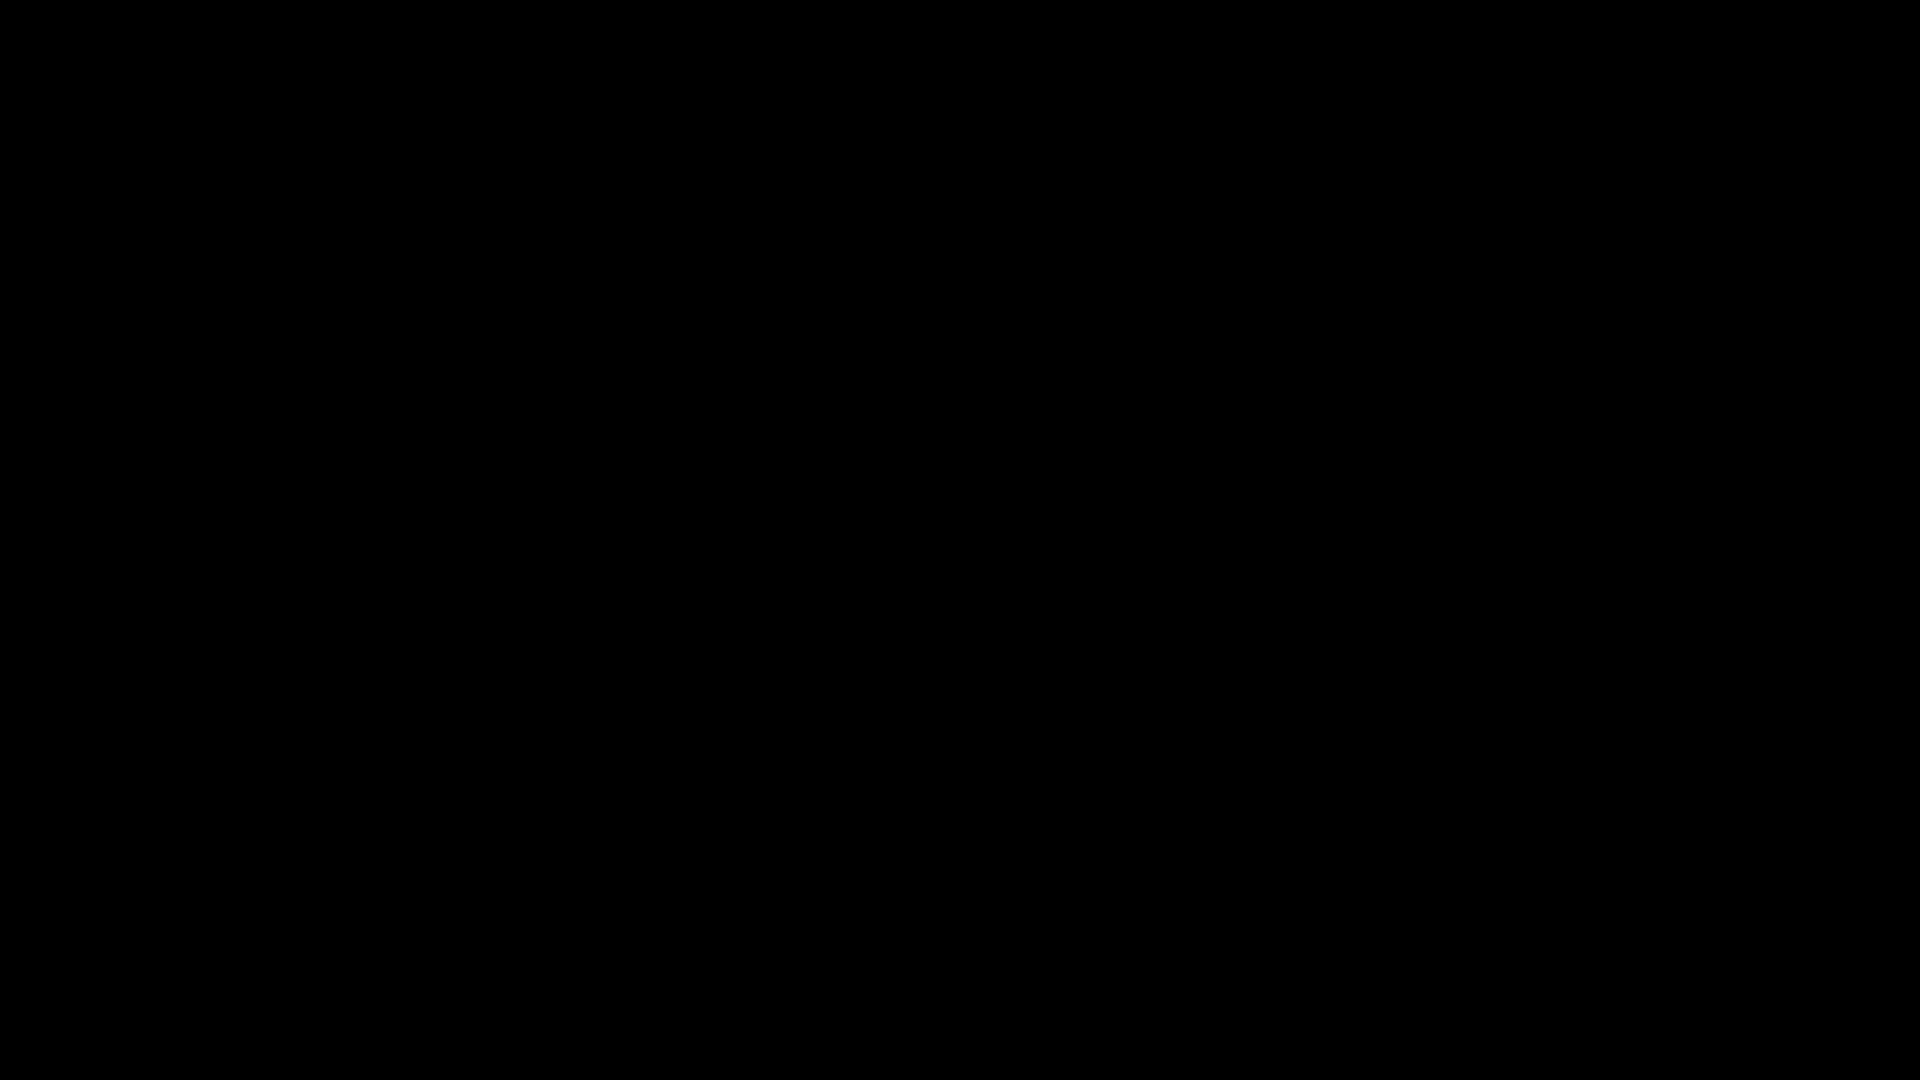 Desenho do tecto para casa decor hexagon forma defletor de teto suspenso painel acústico